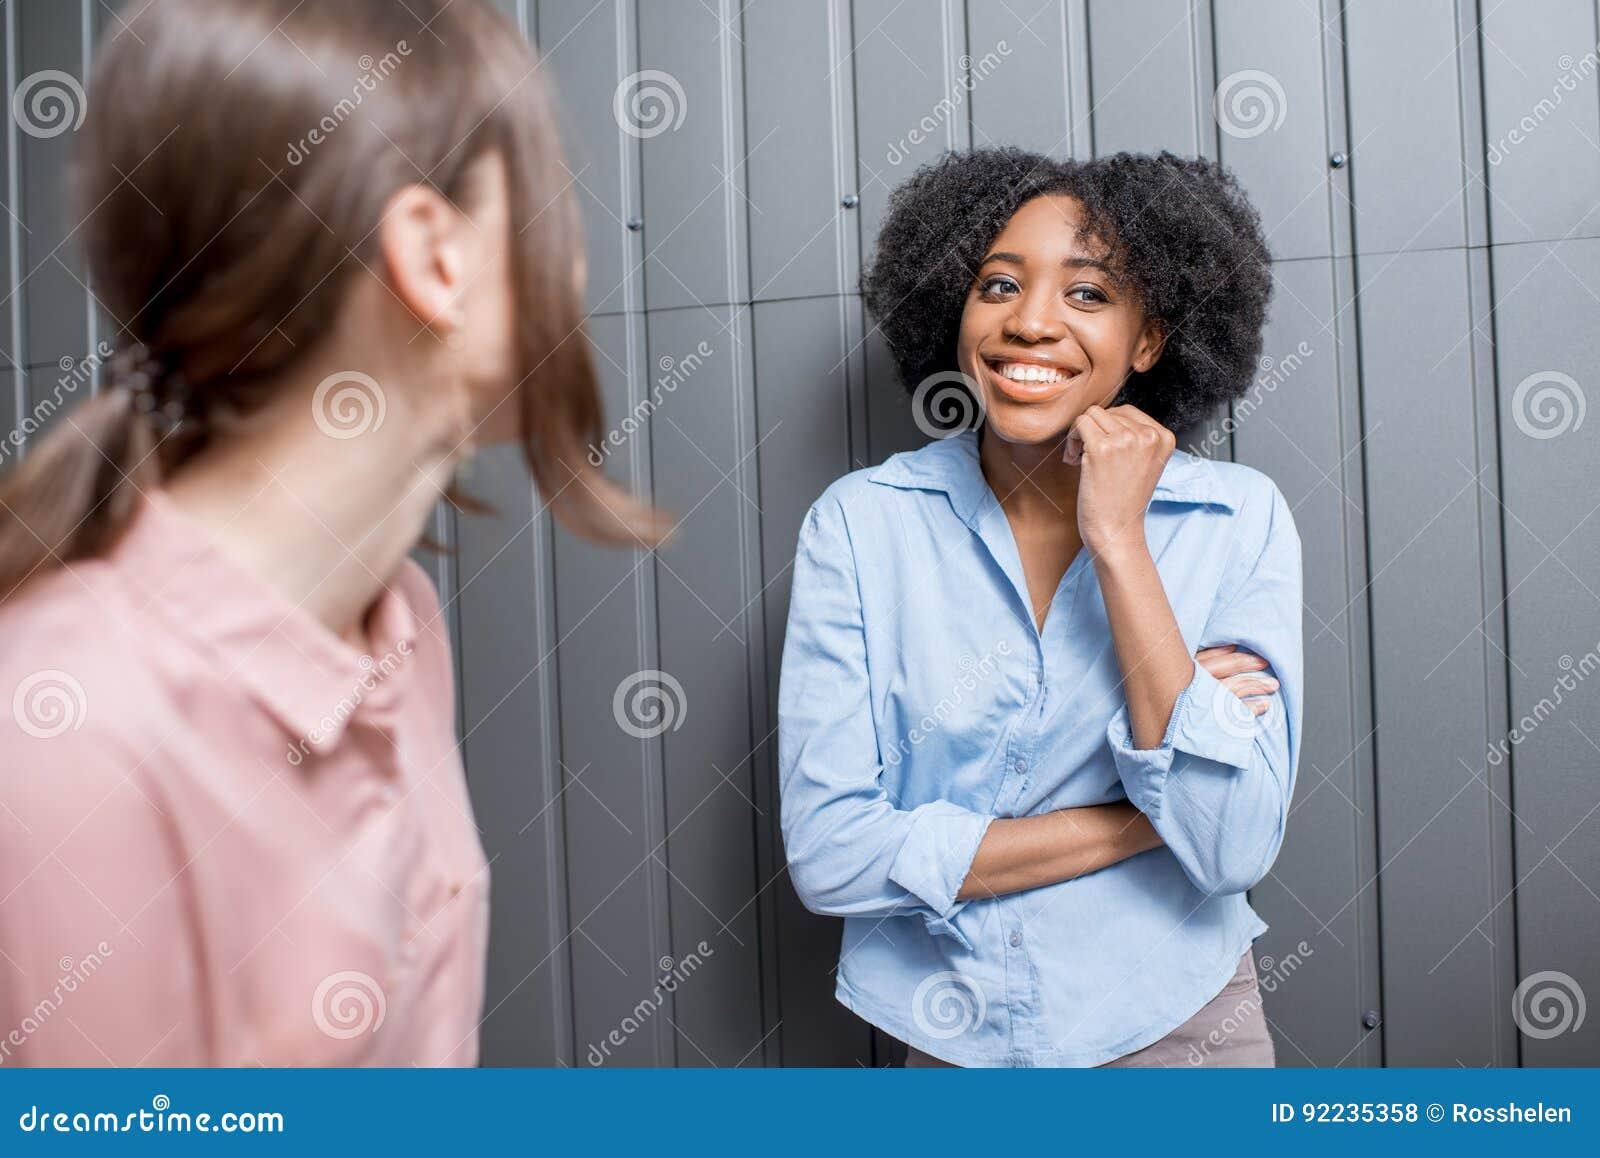 Coworkers talking indoors